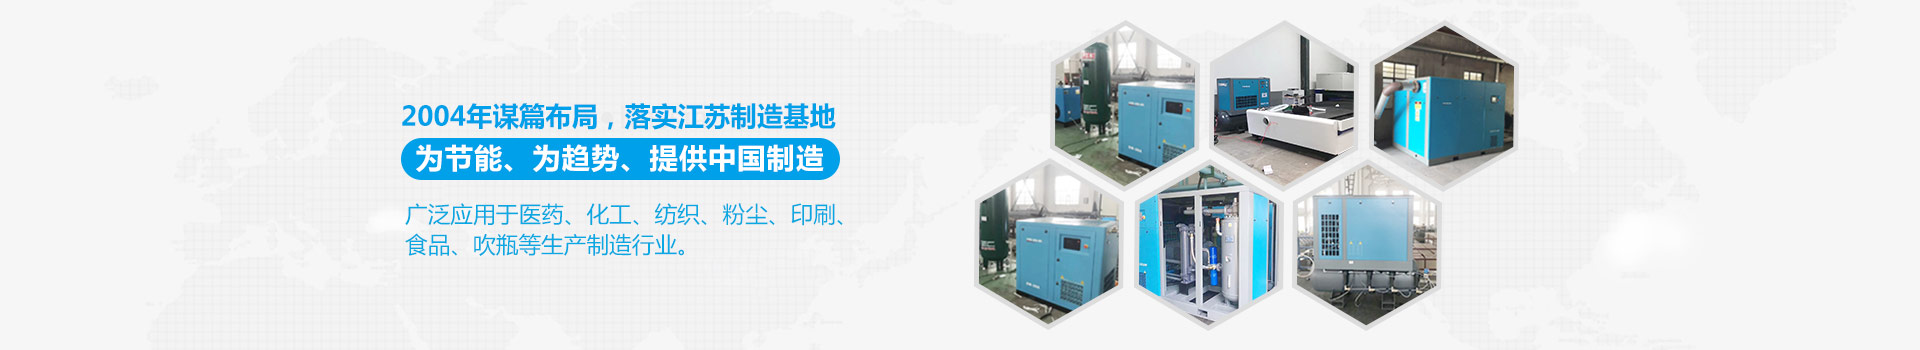 德哈哈压缩机打造国内空压机标杆企业